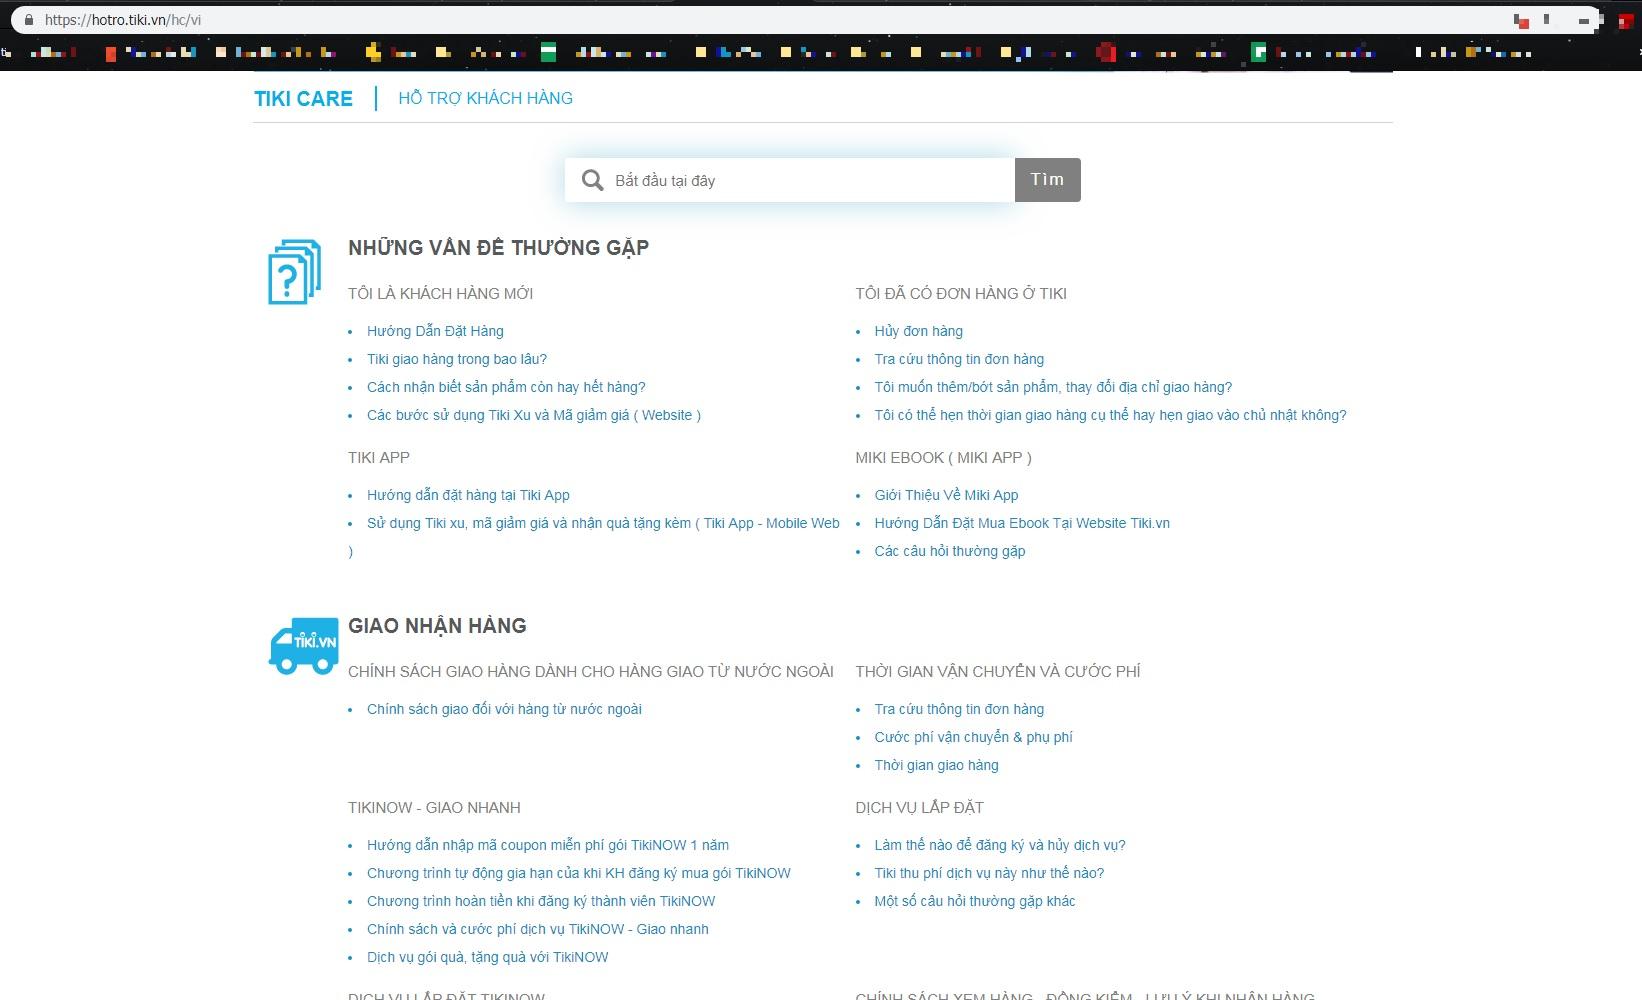 Hướng dẫn liên lạc tổng đài Tiki, trung tâm website hỗ trợ Tiki